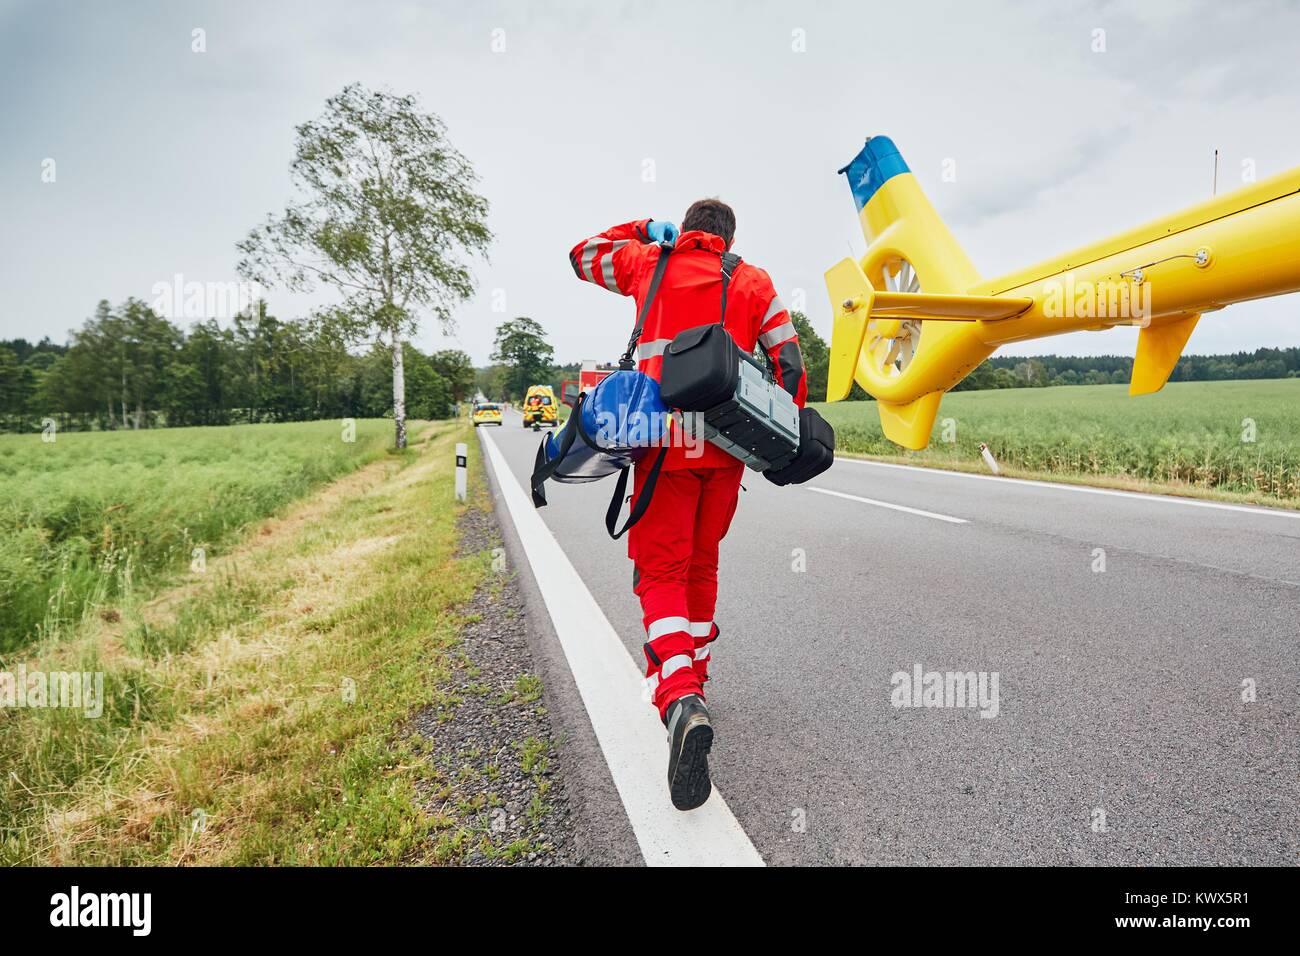 Medico con defibrillatore e altre apparecchiature in esecuzione da un elicottero. Team del servizio medico di pronto Immagini Stock